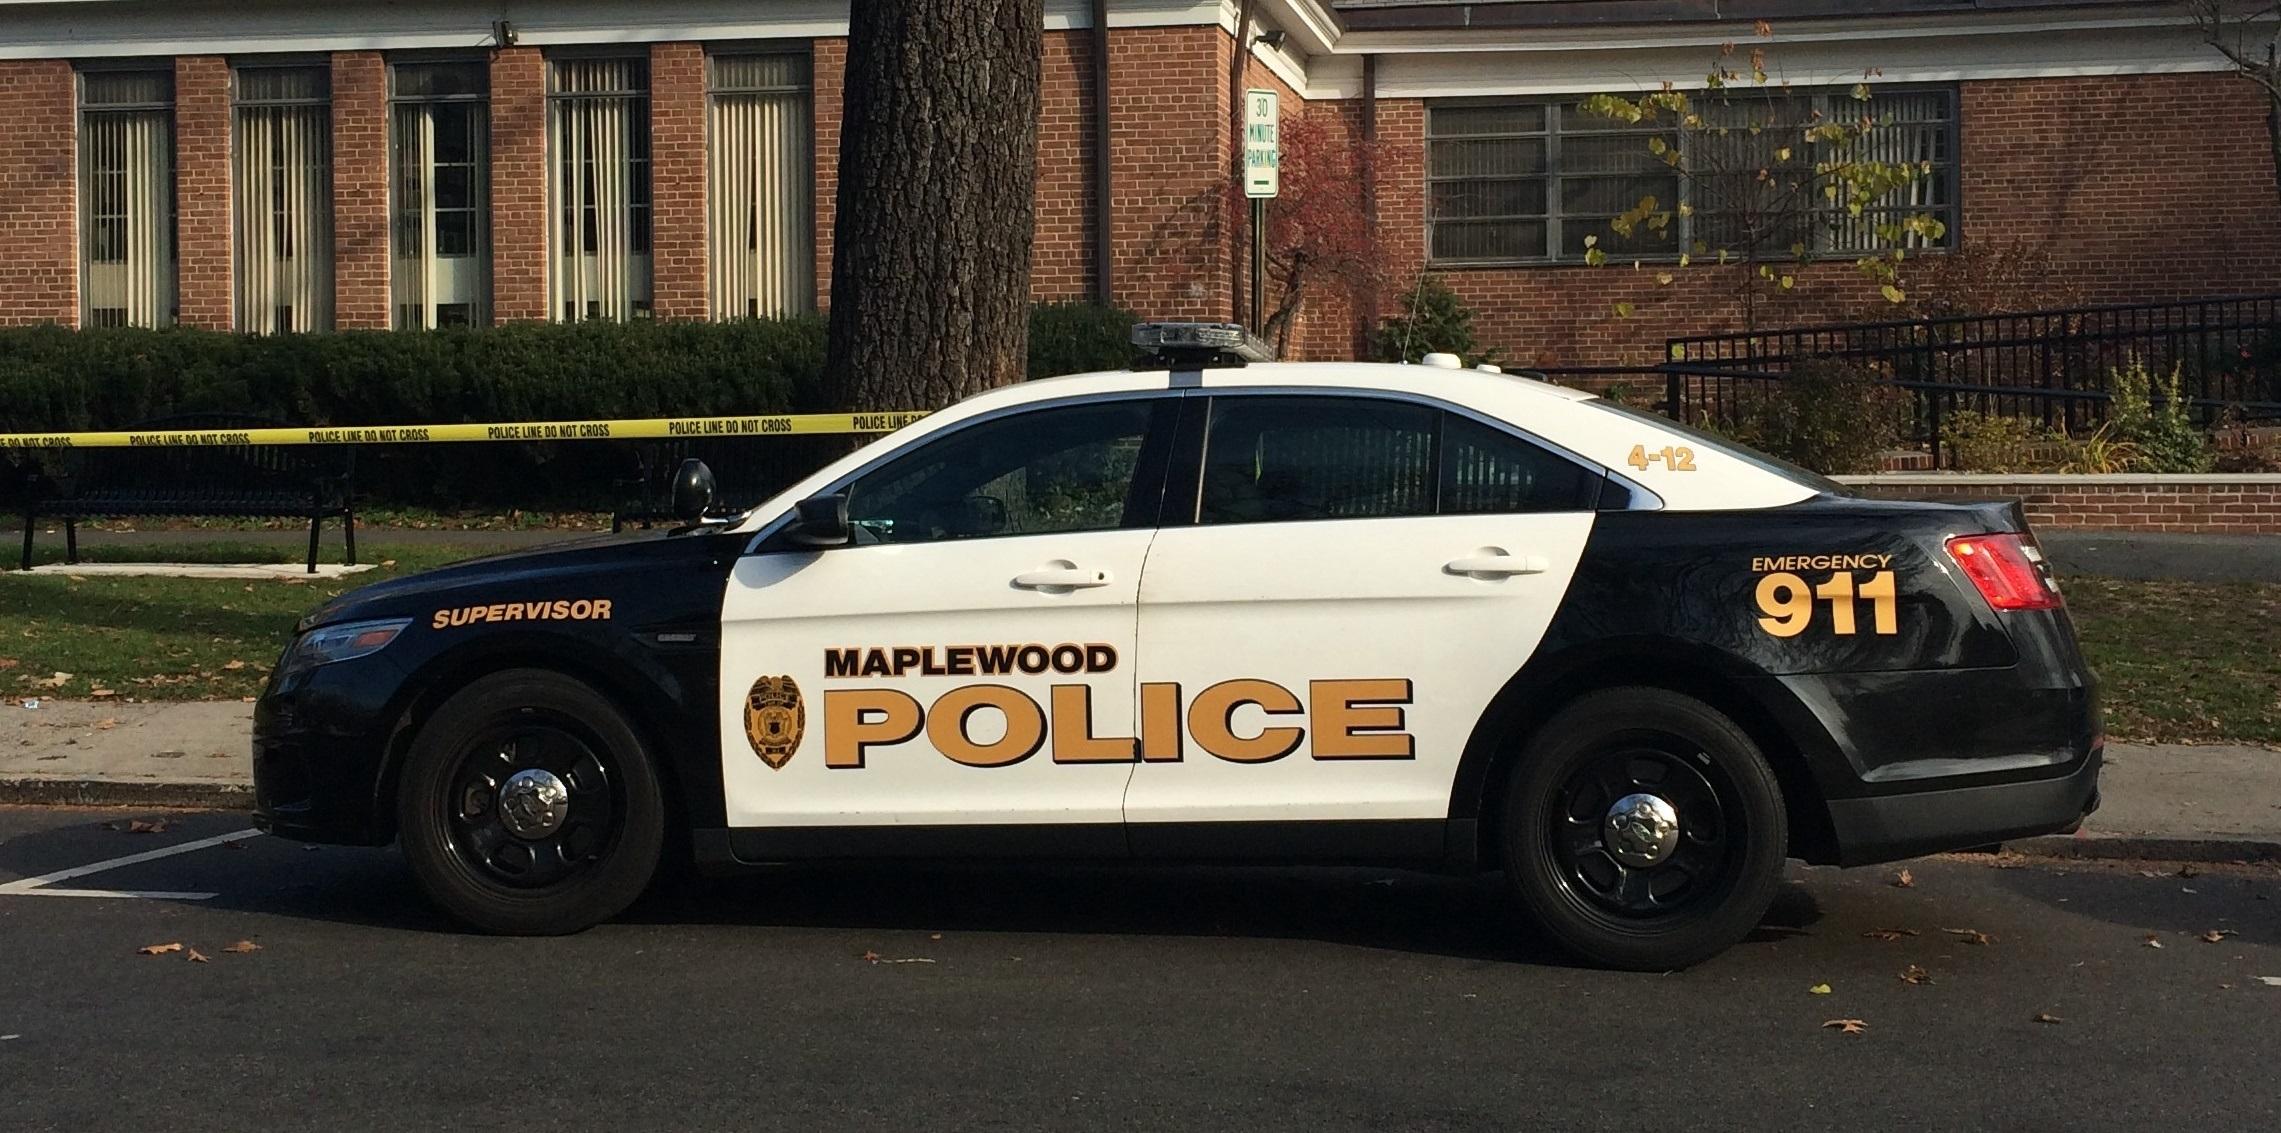 3c8e08bcd1e90ba5c7d1_Maplewood_police_car_h.jpg